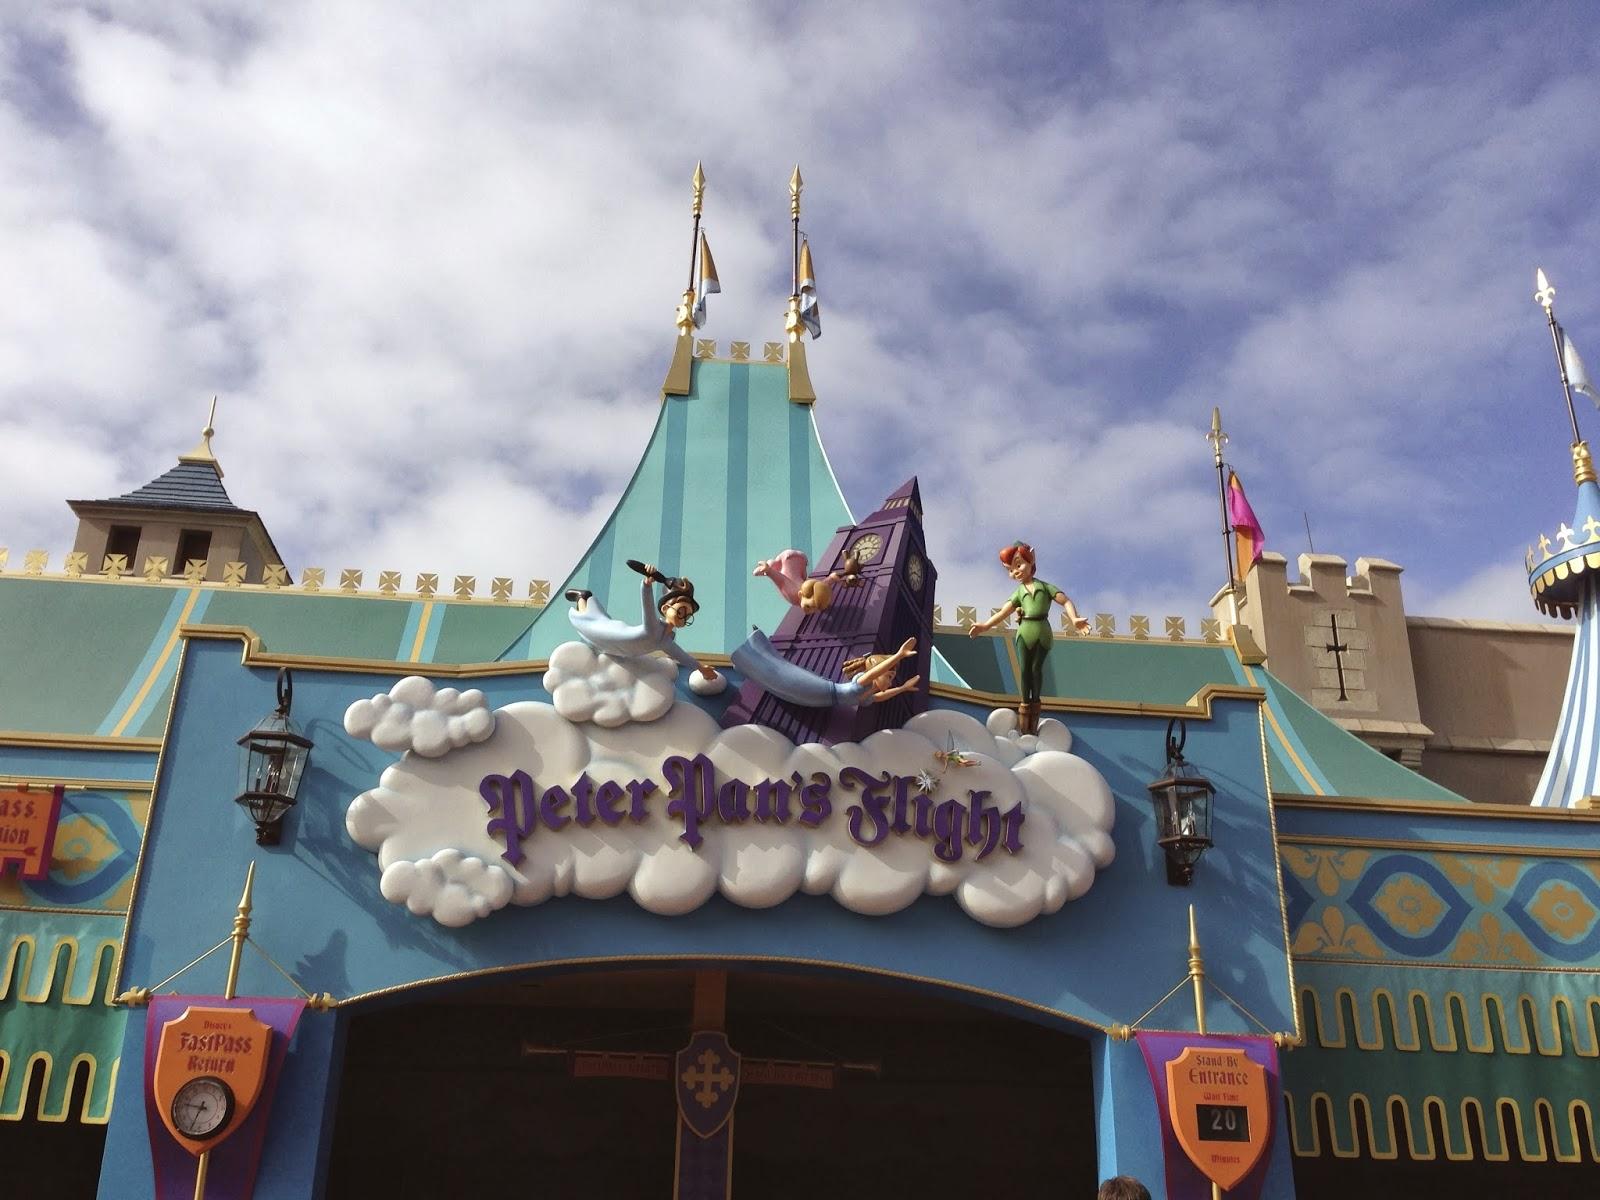 Peter Pan's Flight ride, Magic Kingdom, Walt Disney World